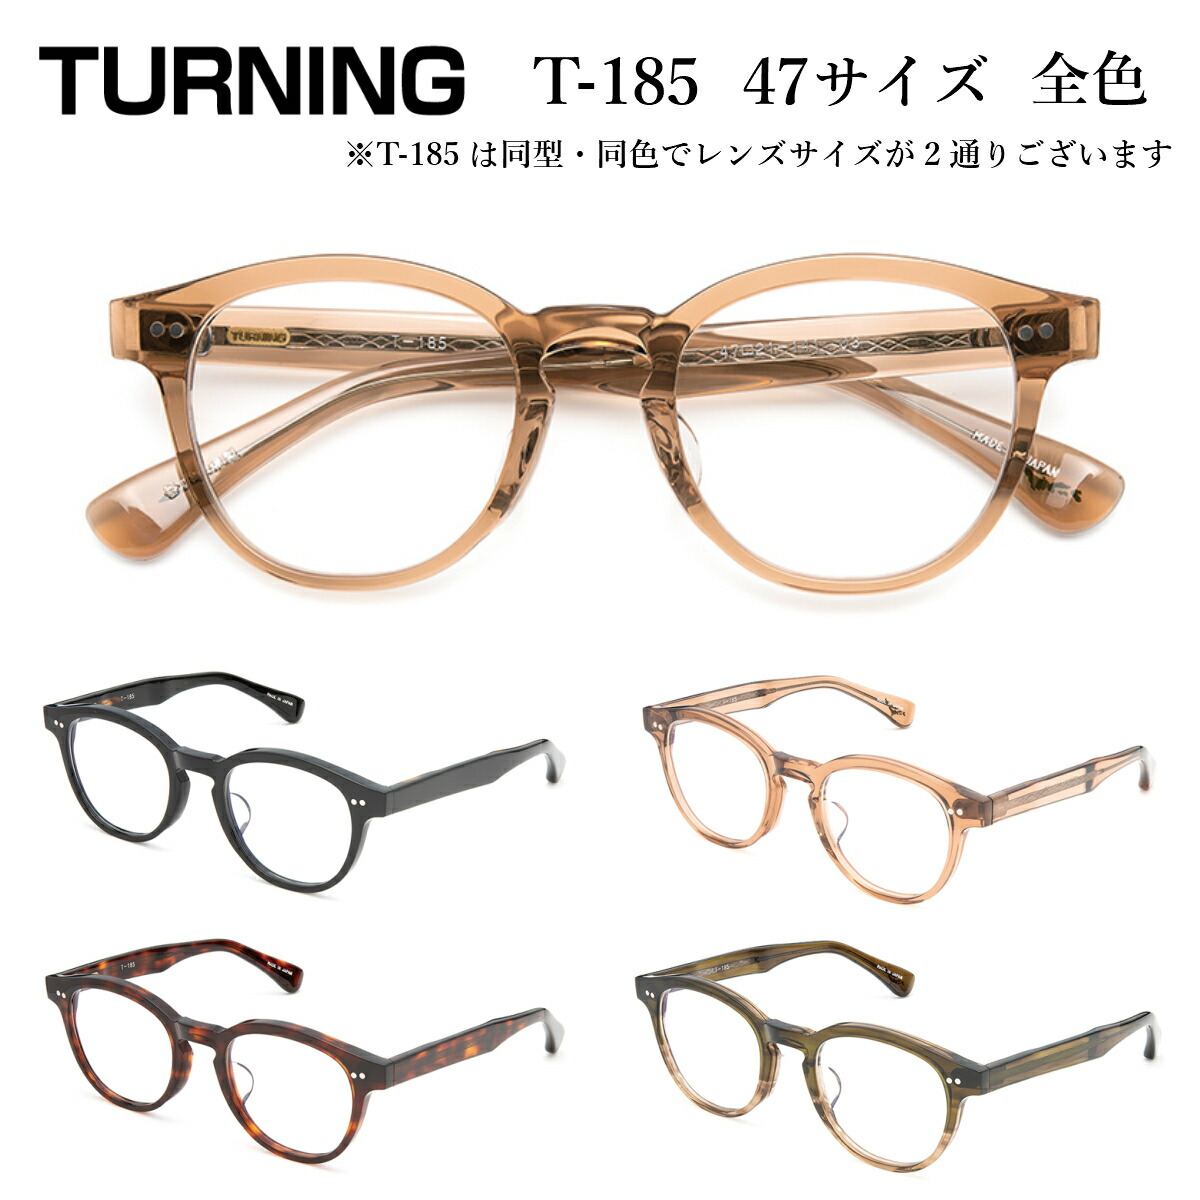 TURNING ターニング 谷口眼鏡 T-185 47 サイズ 全色 メガネ 眼鏡 めがね フレーム 度付き 度入り 対応 セル プラスチック 日本製 国産 鯖江 SABAE ボストン ラウンド 丸 メンズ レディース 男 女 兼用 クラシック 【送料無料】